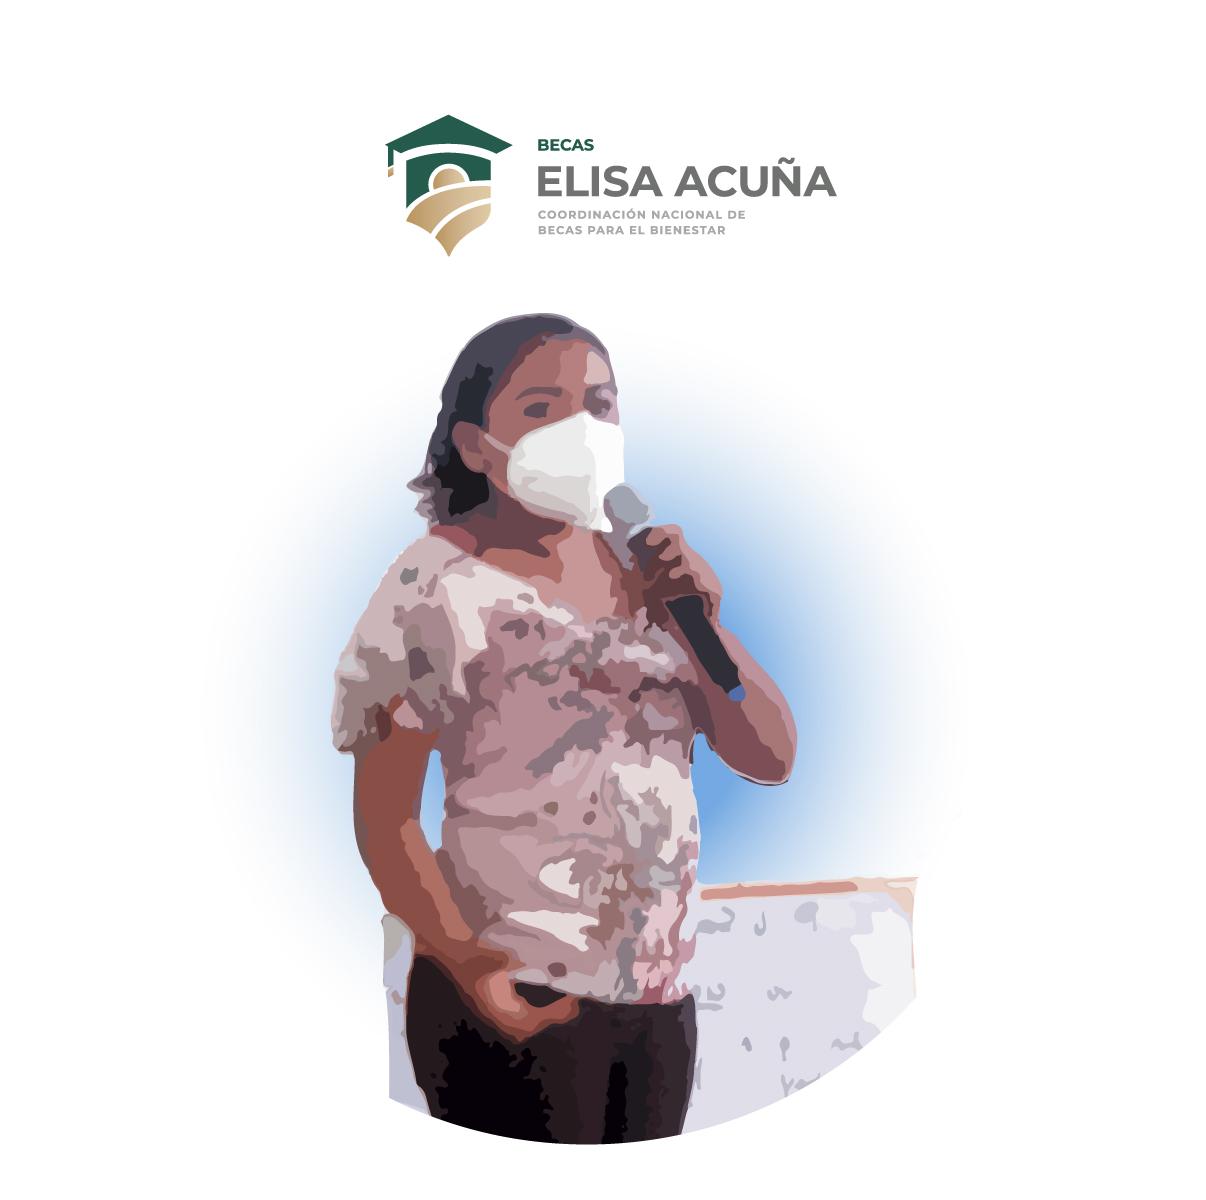 Aquí puedes encontrar más información sobre el Programa de Becas Elisa Acuña